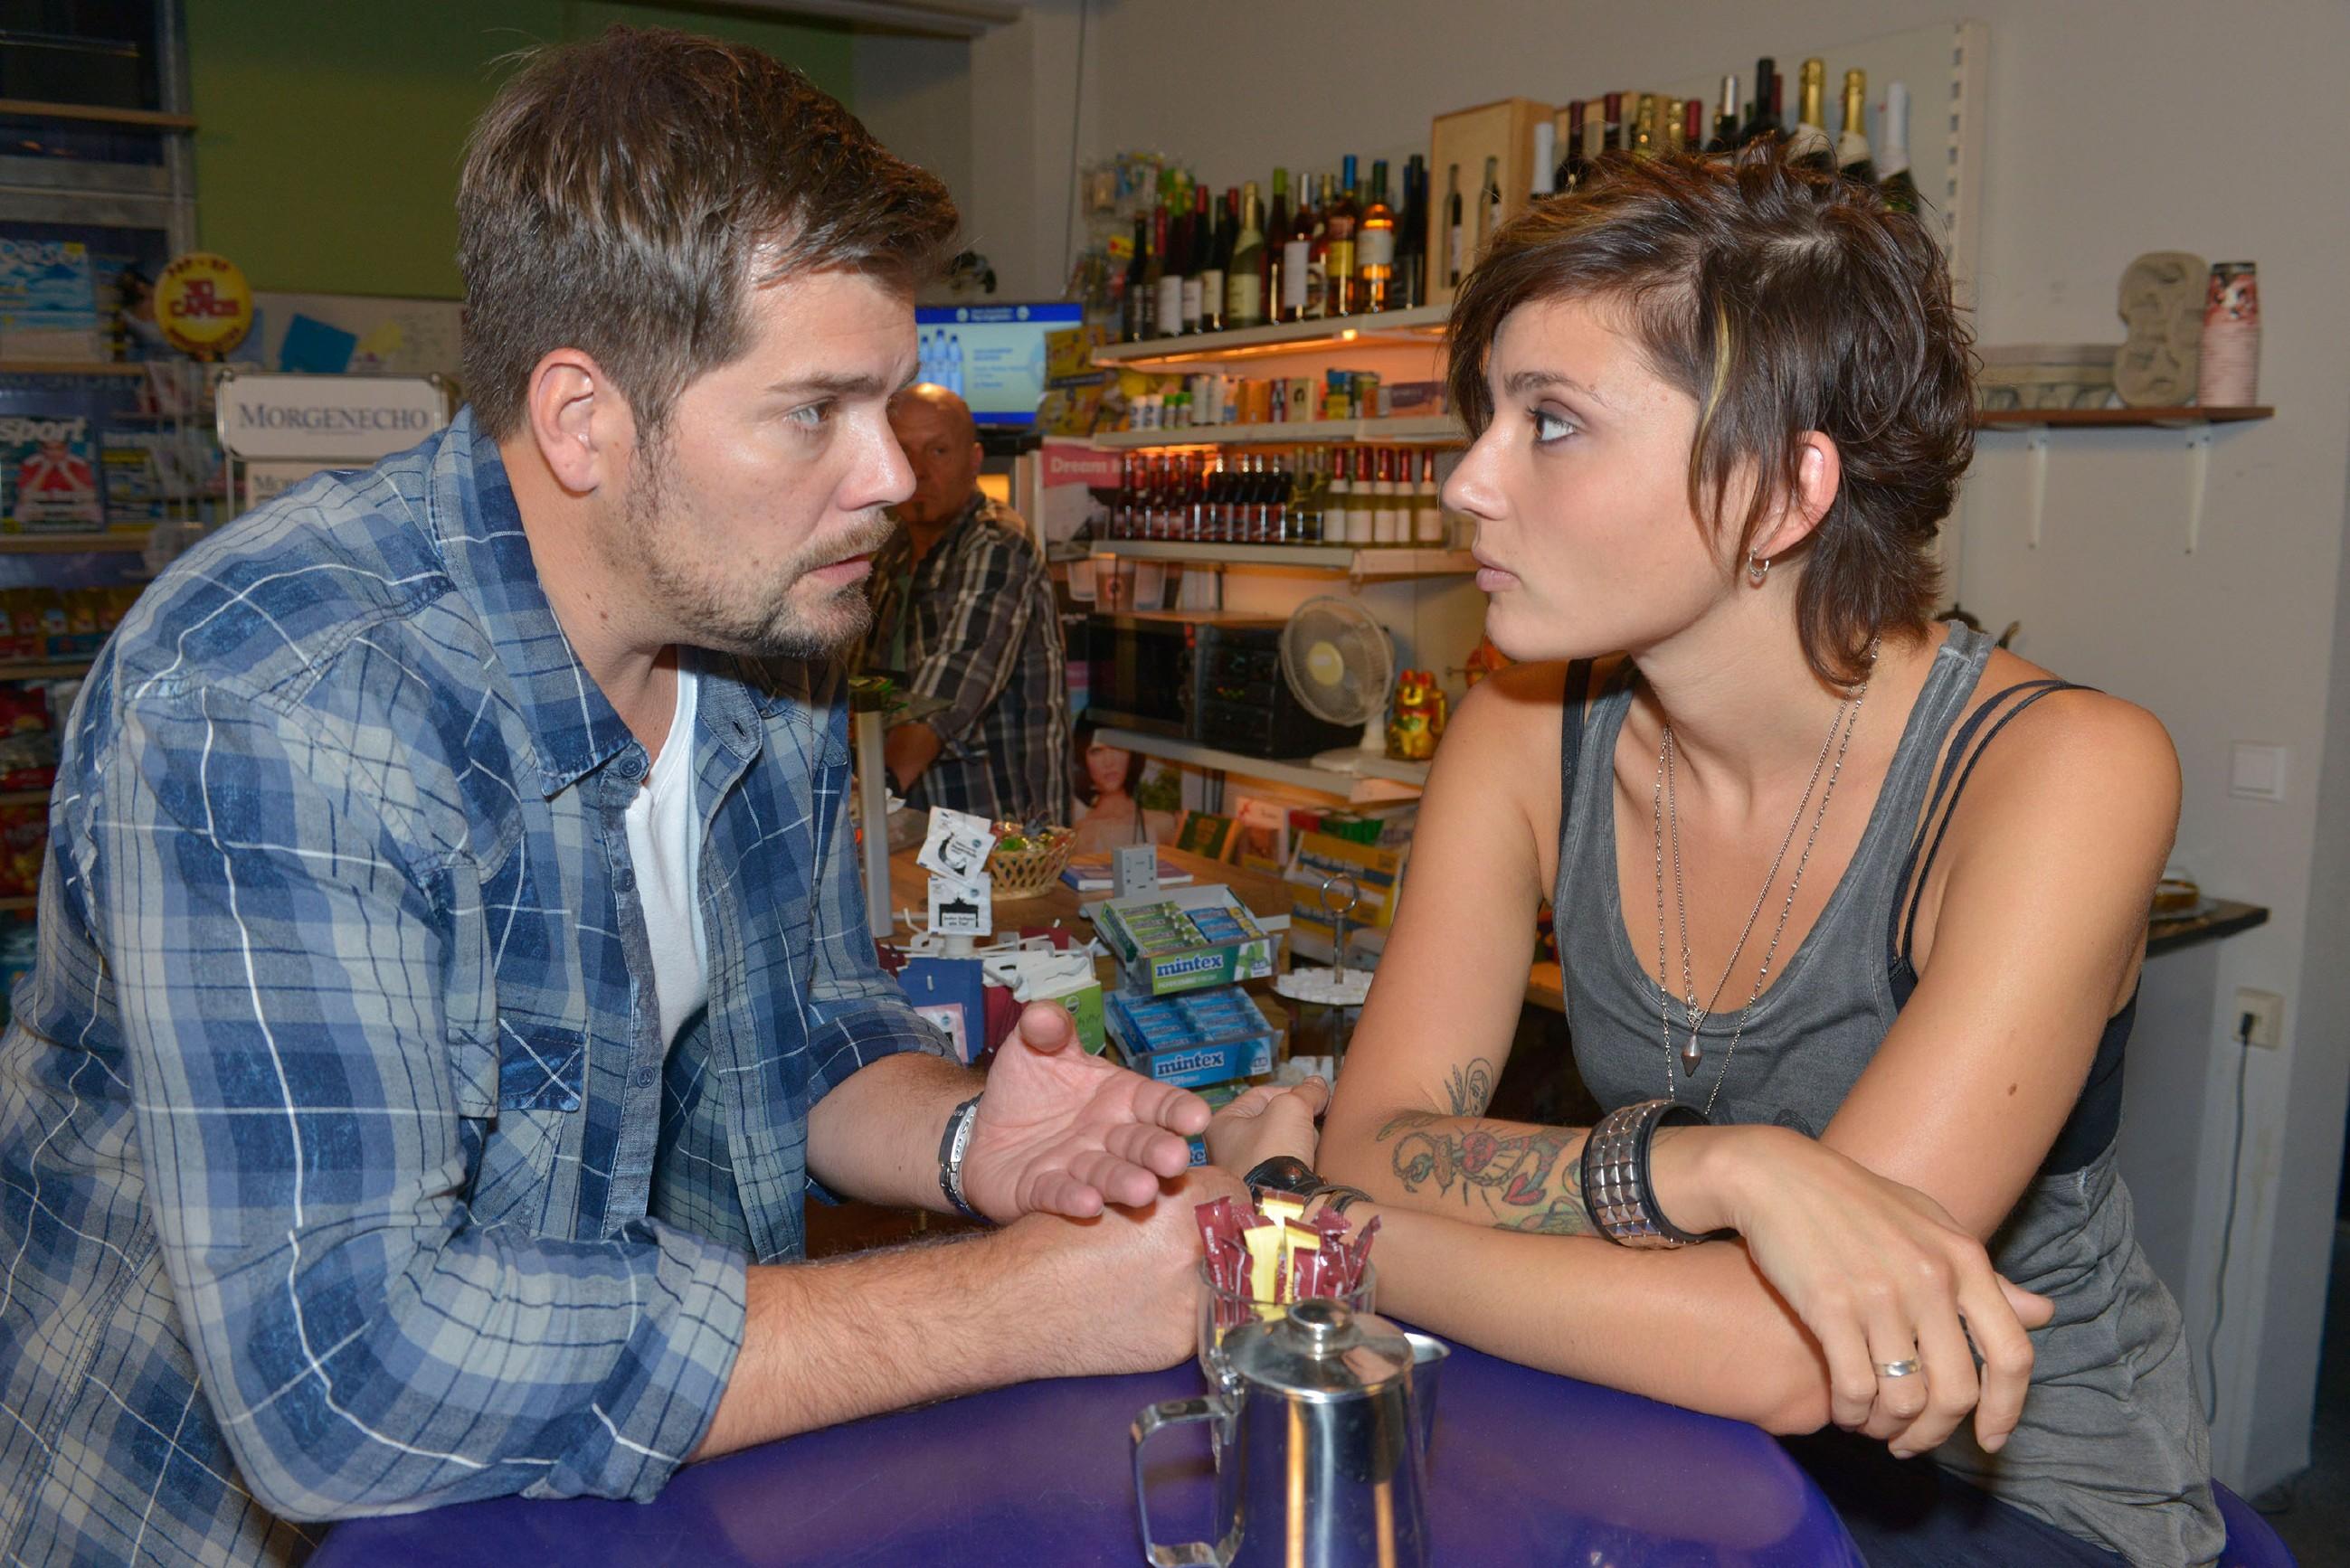 Während Anni (Linda Marlen Runge) ihre Kündigung widerwillig hingenommen hat, gibt sich Leon (Daniel Fehlow) kämpferisch und will gegen Davids eigenmächtige Entscheidung vorgehen. (Quelle: © RTL / Rolf Baumgartner)